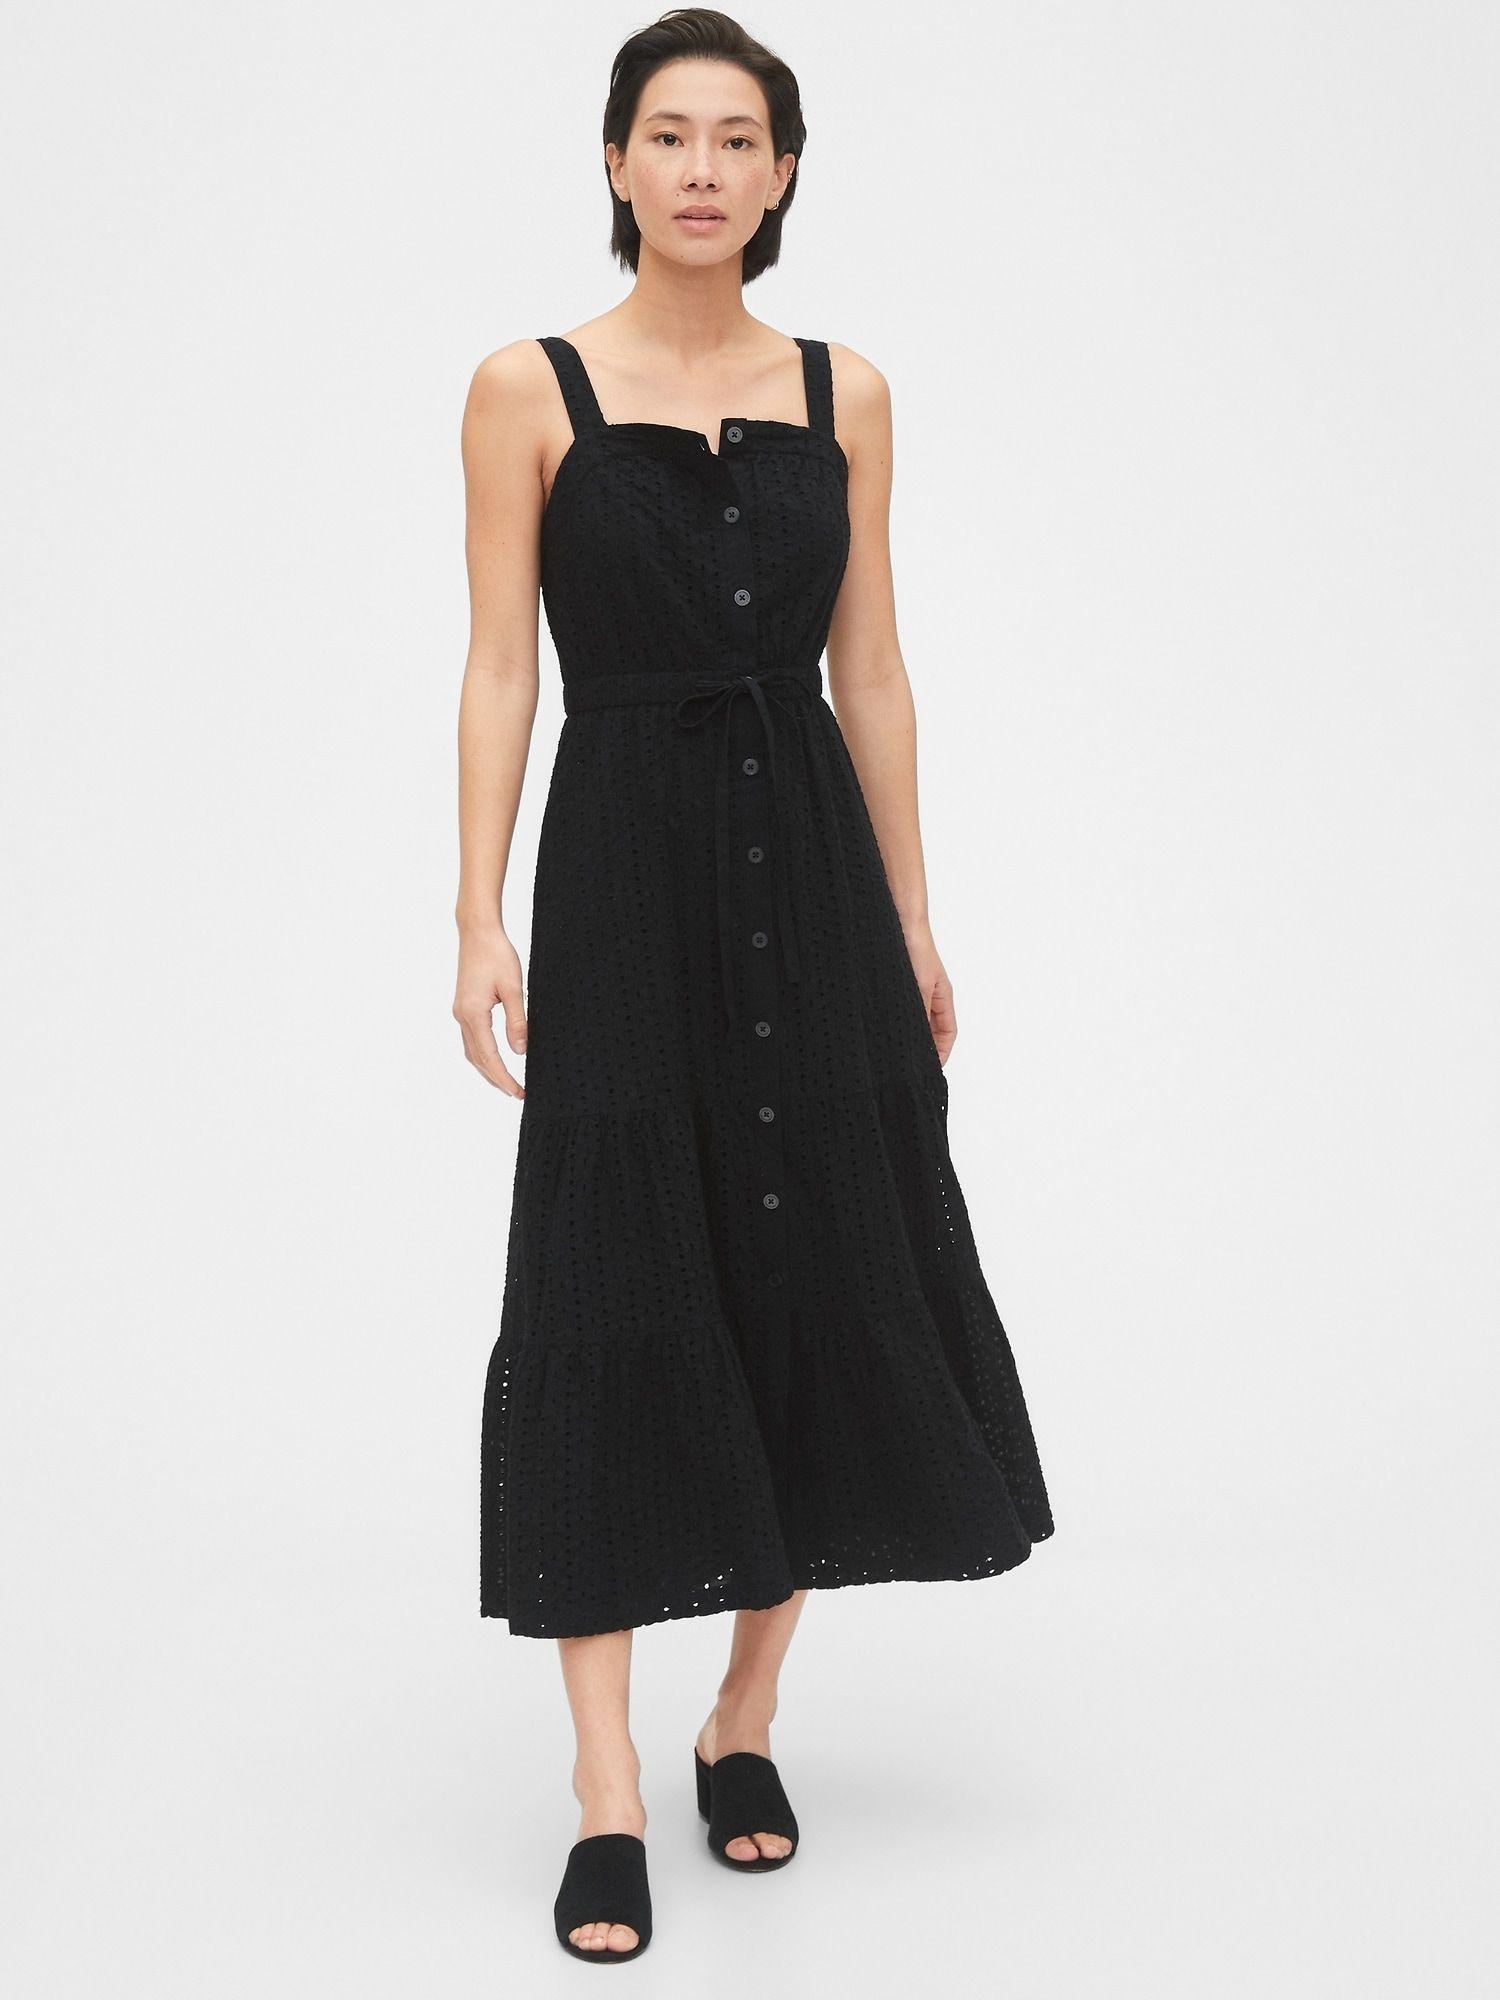 Apron Maxi Dress Gap Womens Dresses All Black Dresses Maxi Dress [ 2000 x 1500 Pixel ]